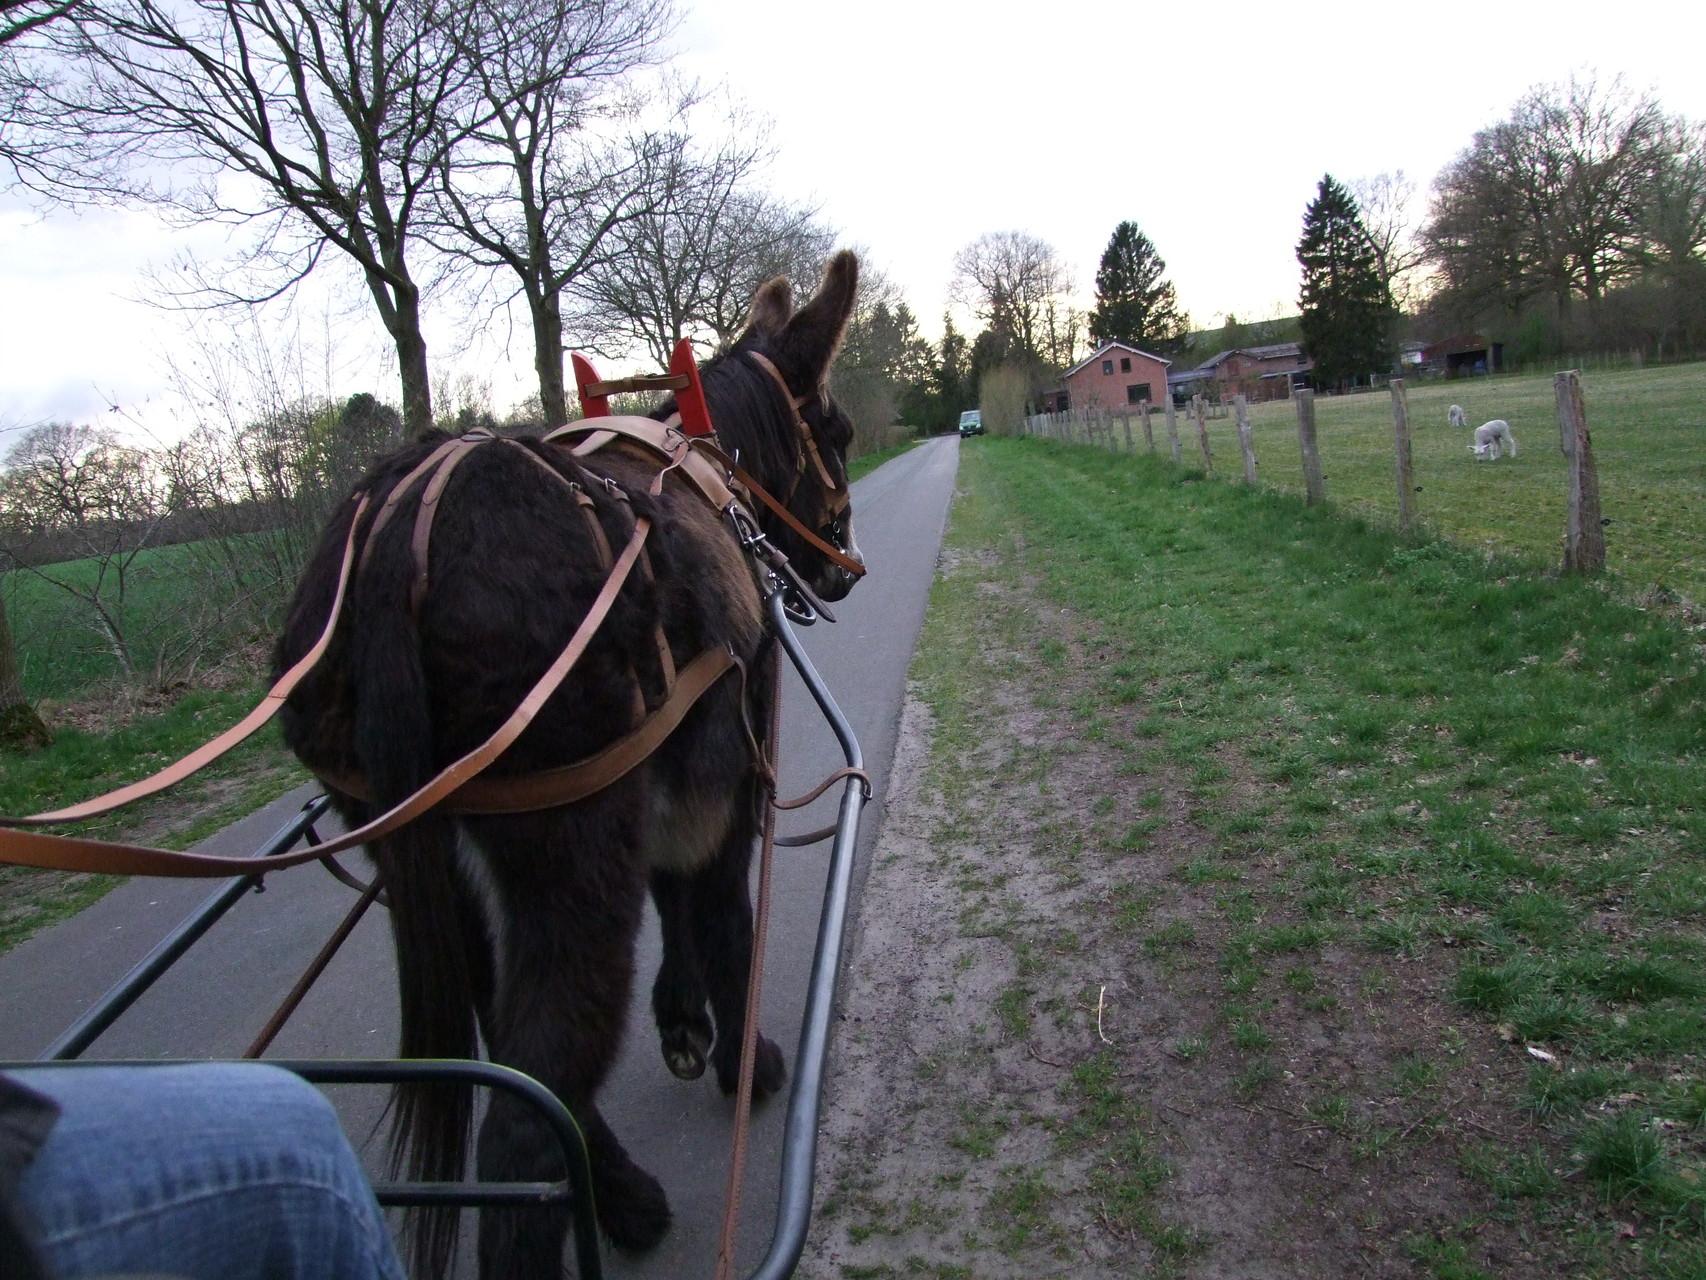 Als wir in Hamburg waren, machten wir abends noch einen kleinen Abstecher zu einer lieben Eselfreundin und kamen auf diesem Wege noch in den Genuss, eine schöne Eselkutschfahrt mit Eselwallach Valentin zu unternehmen.